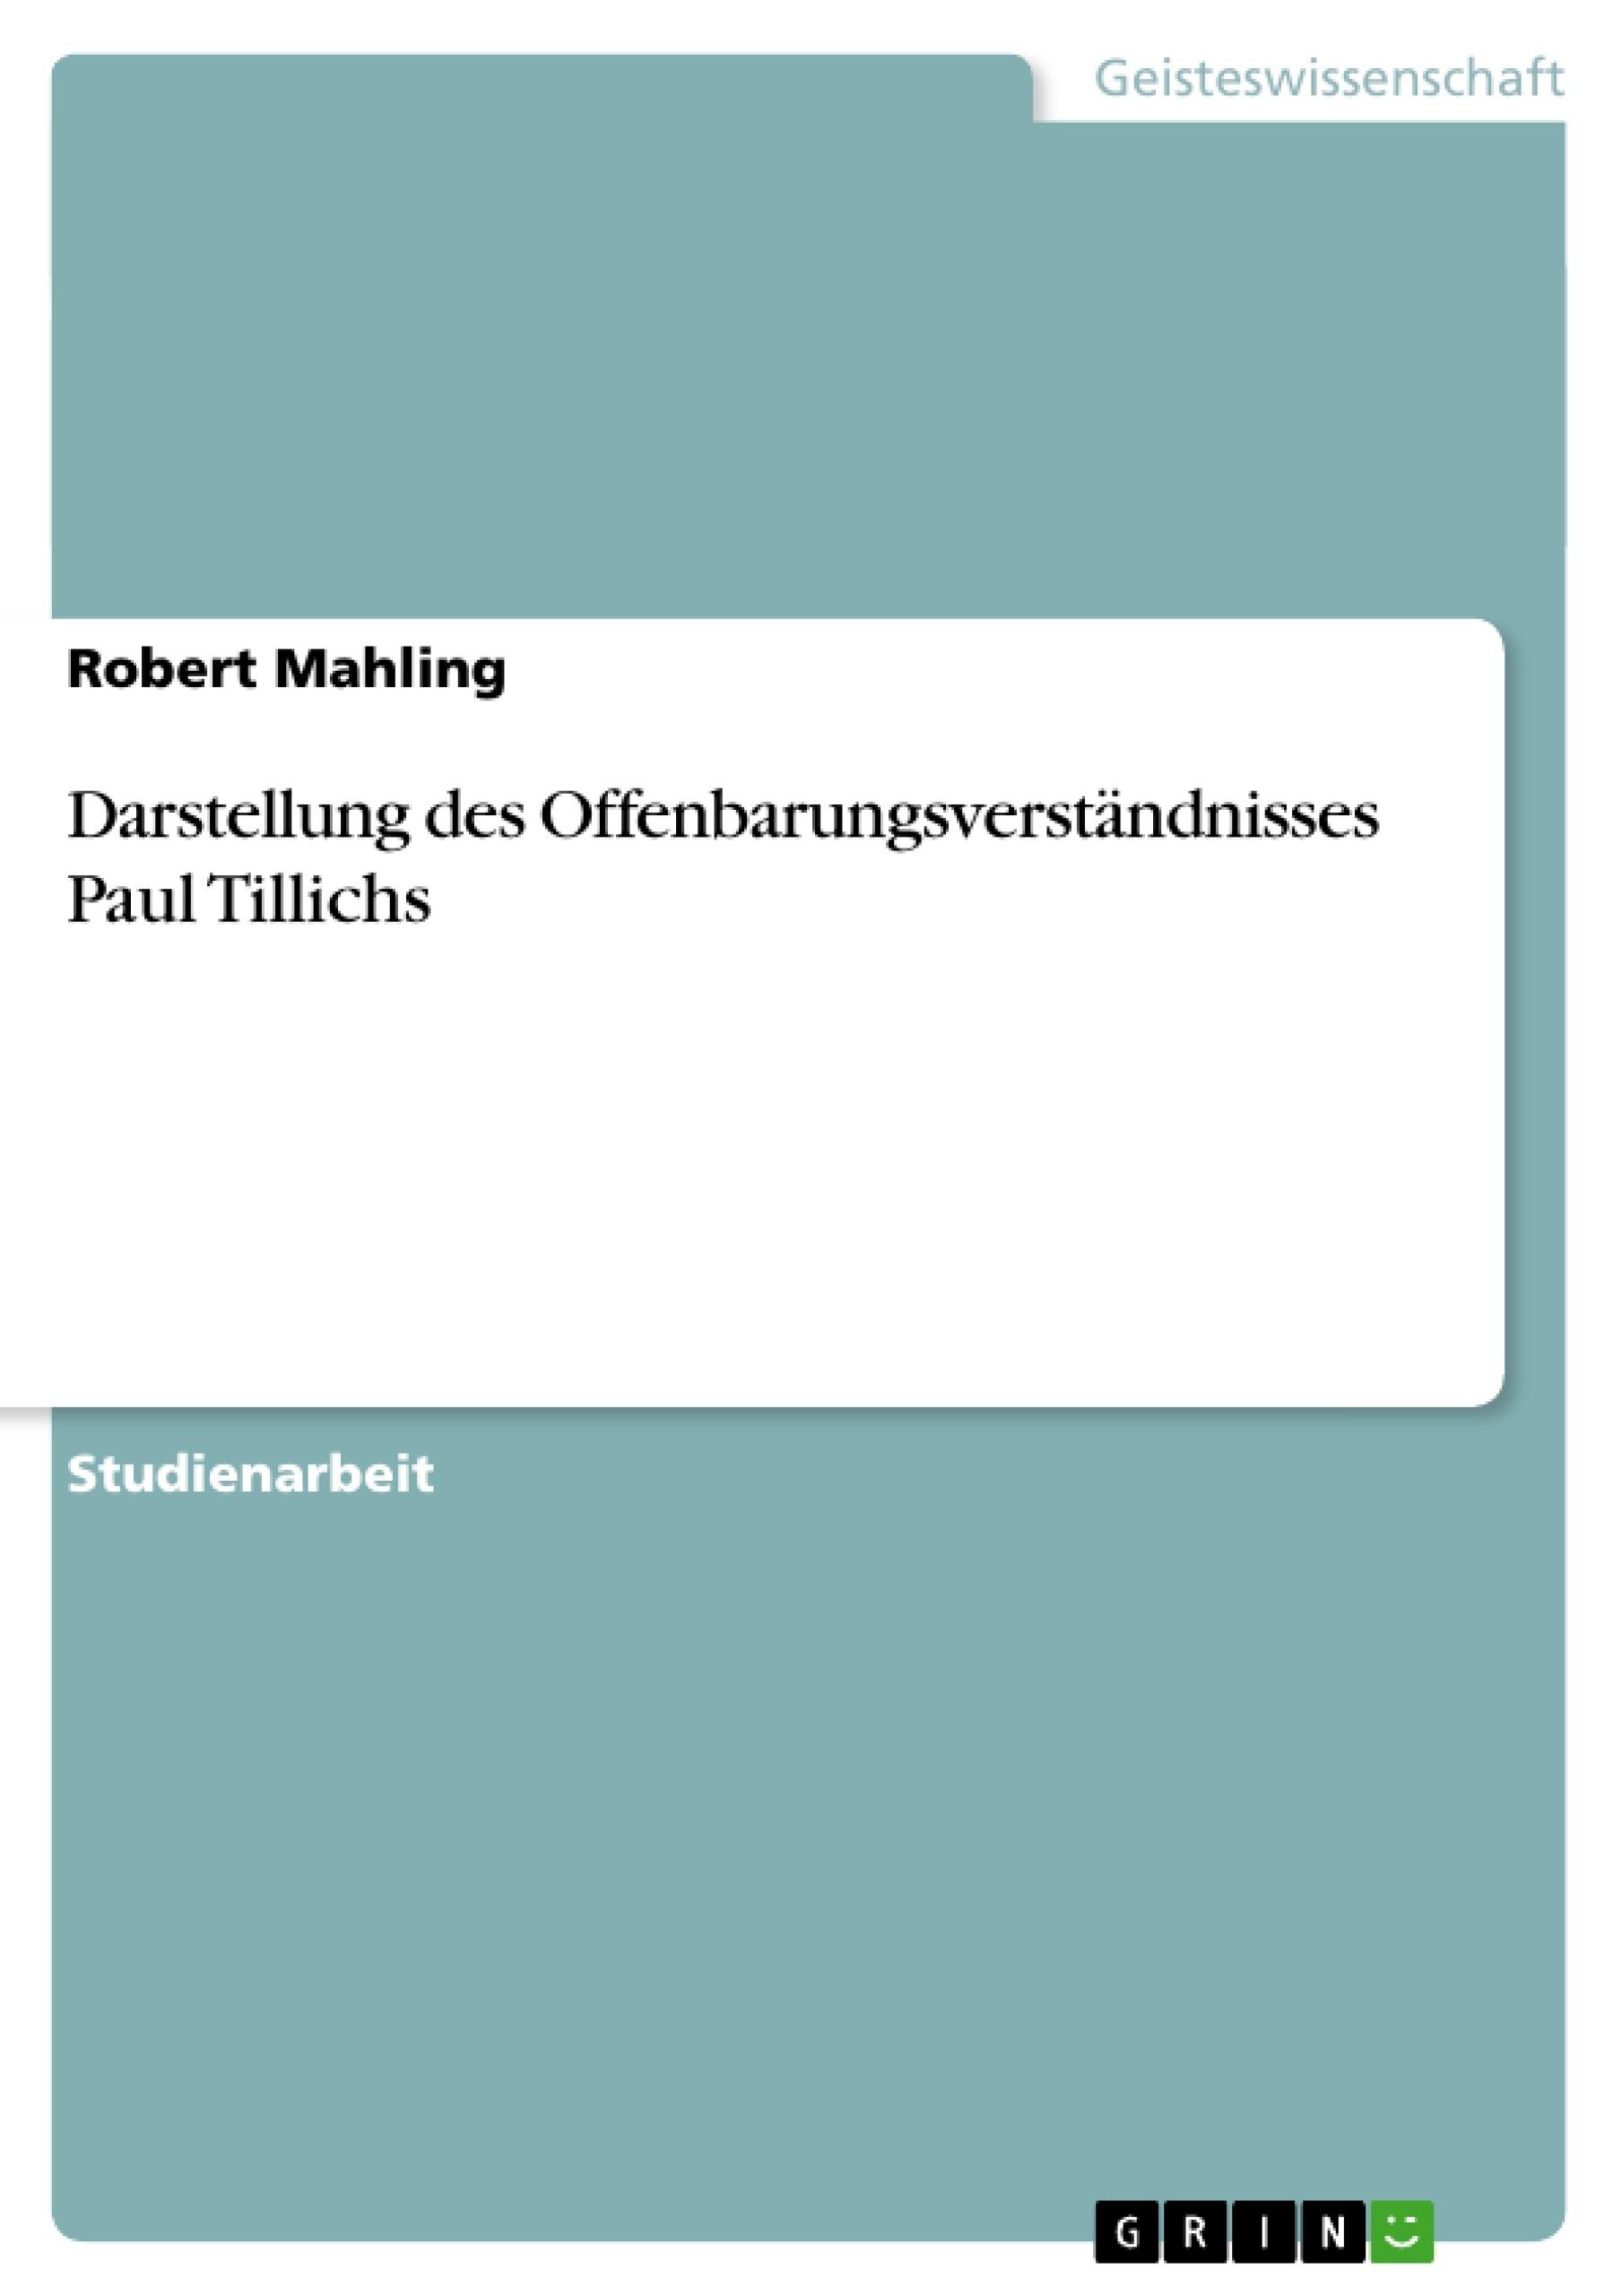 Titel: Darstellung des Offenbarungsverständnisses Paul Tillichs